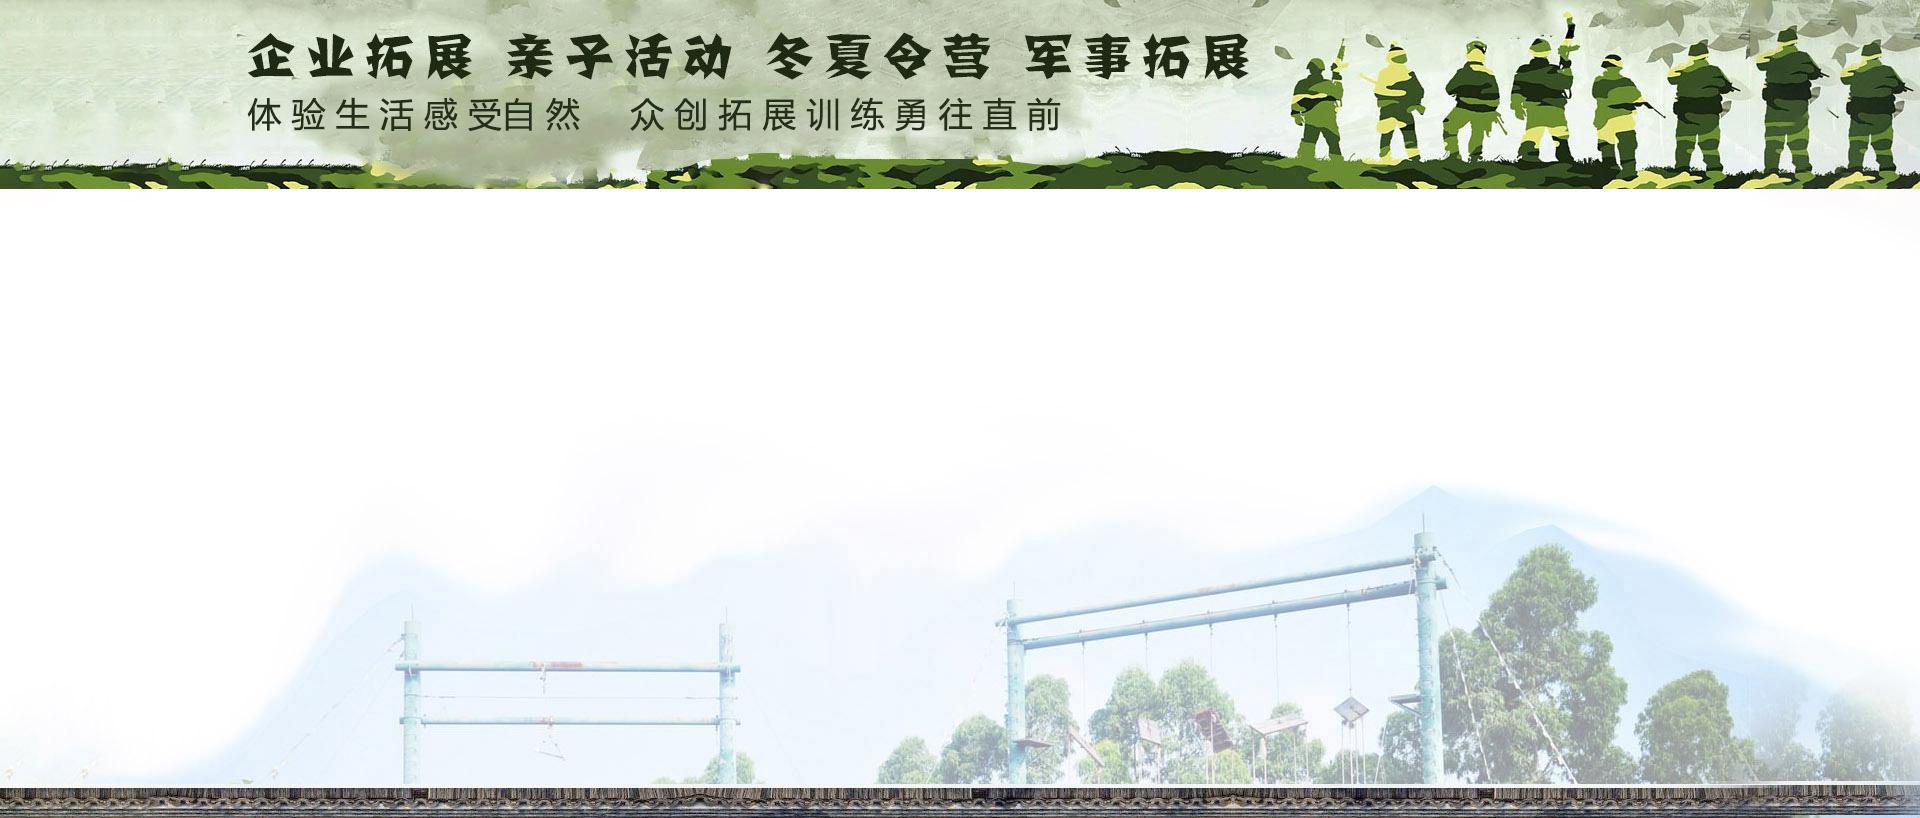 广州拓展,广州拓展培训,广州拓展训练